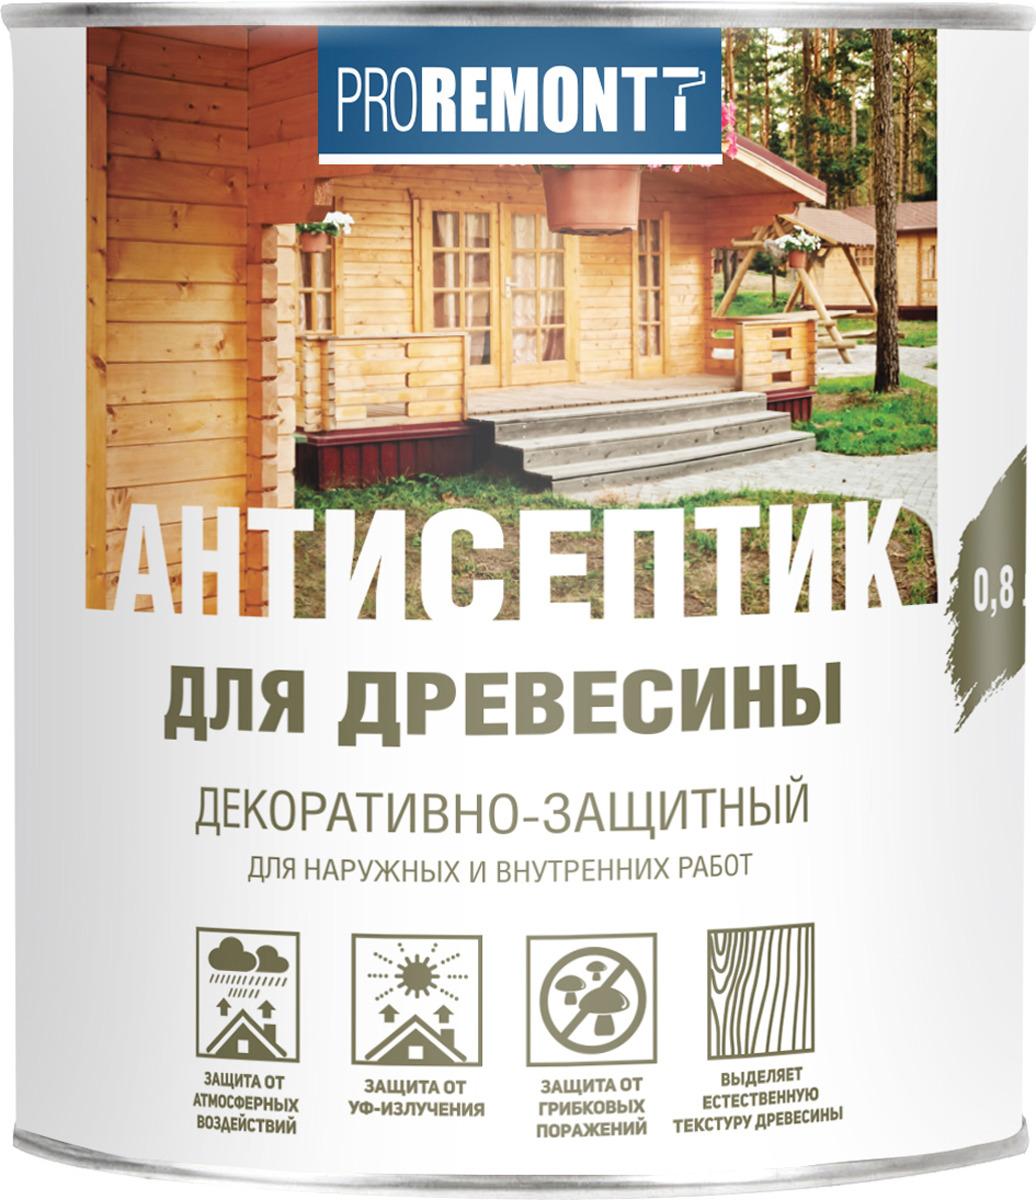 Антисептик для древесины Proremontt, орегон, 800 мл цена и фото